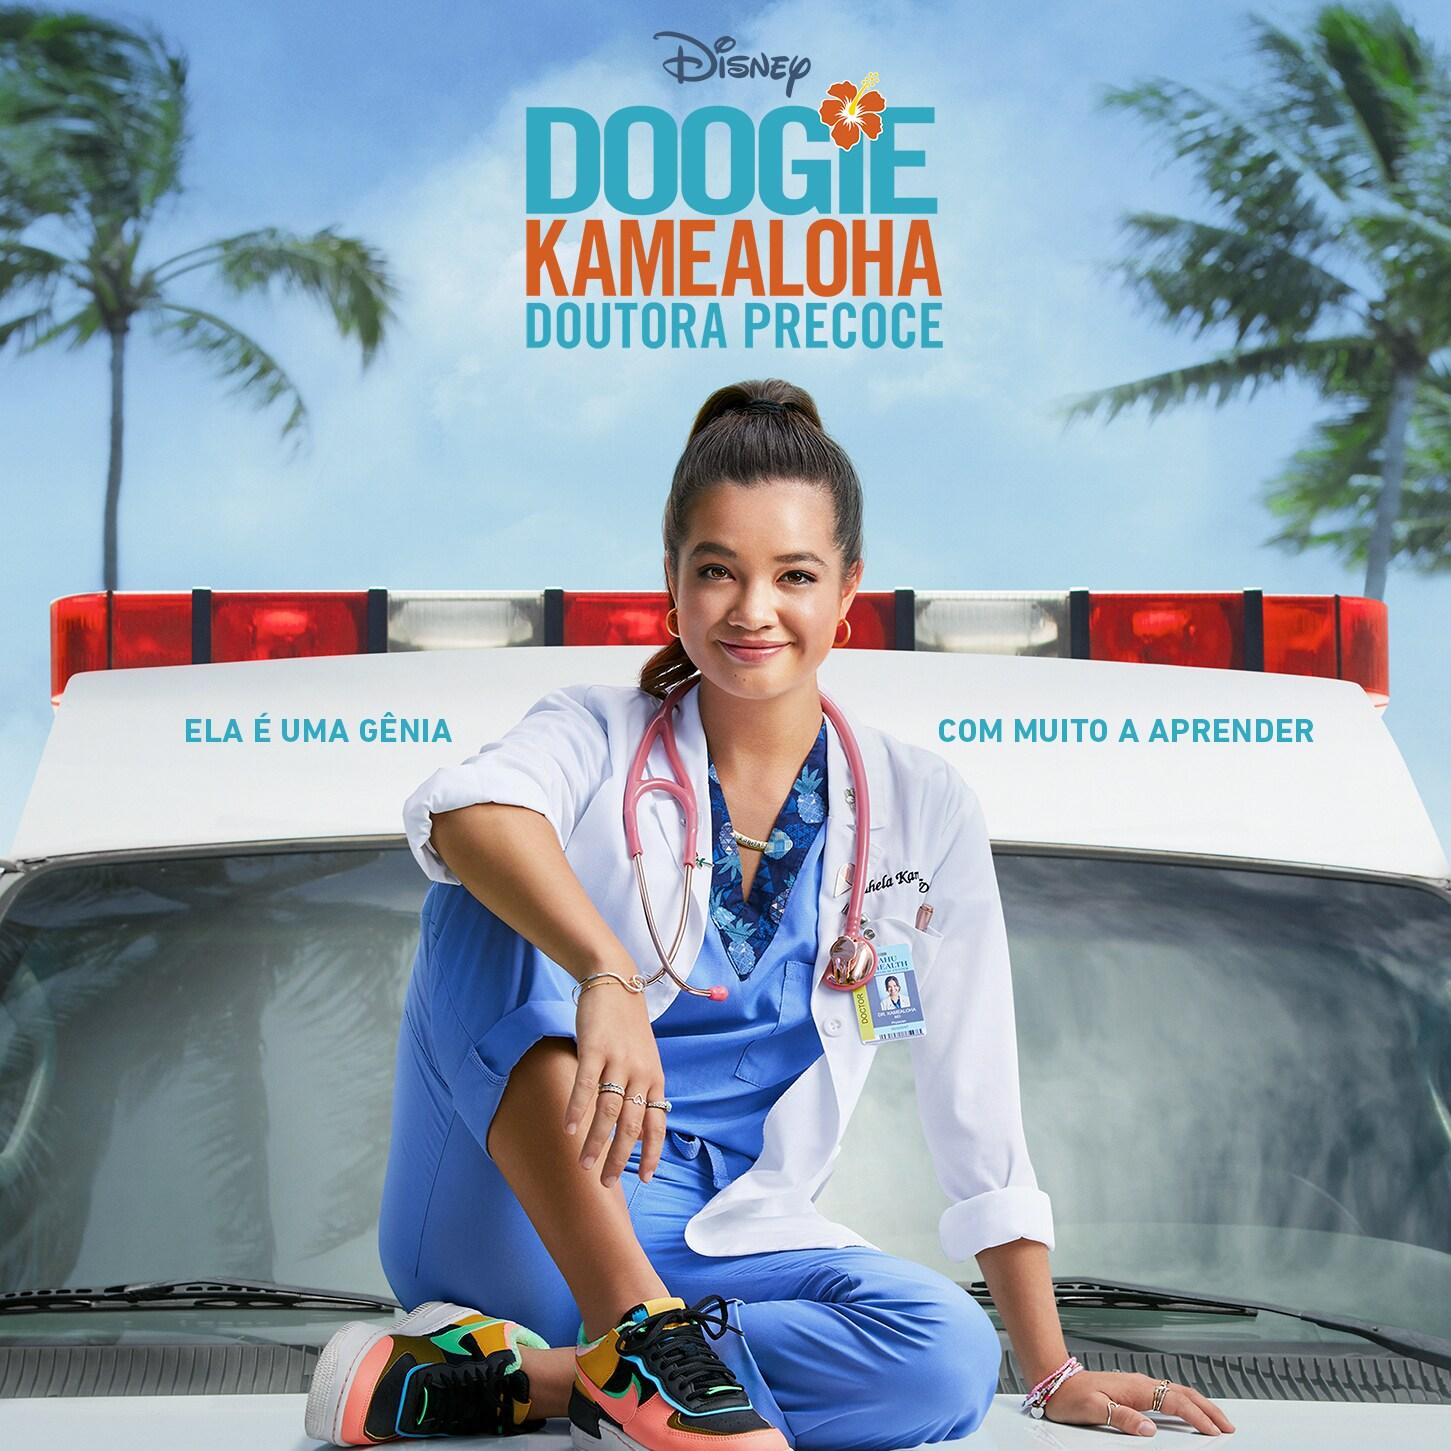 Doogie Kameāloha, la historia de una médica de 16 años